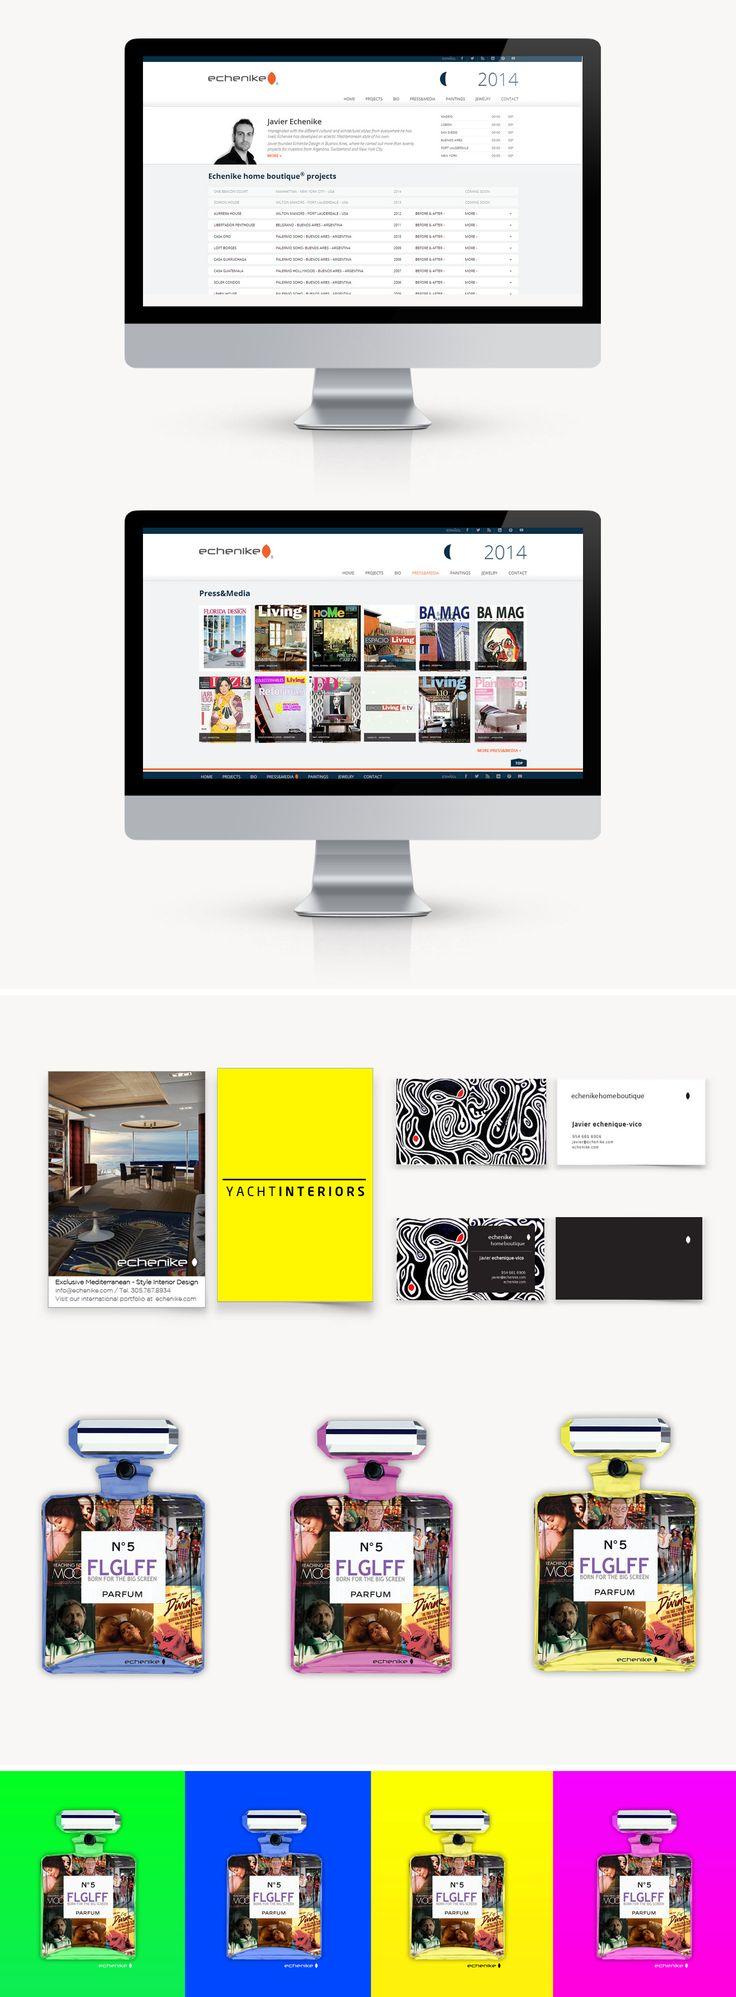 Diseñamos la página web con una estética minimalista, con mayor nivel de jerarquía para las imágenes y una navegación ágil para los usuarios. También, como somos fieles a nuestro cliente seguimos trabajando juntos hace varios años y periódicamente le diseñamos piezas gráficas y digitales para los diferentes eventos, de los cuáles él es partícipe. Logramos así satisfacer las necesidades y exigencias de nuestro cliente.